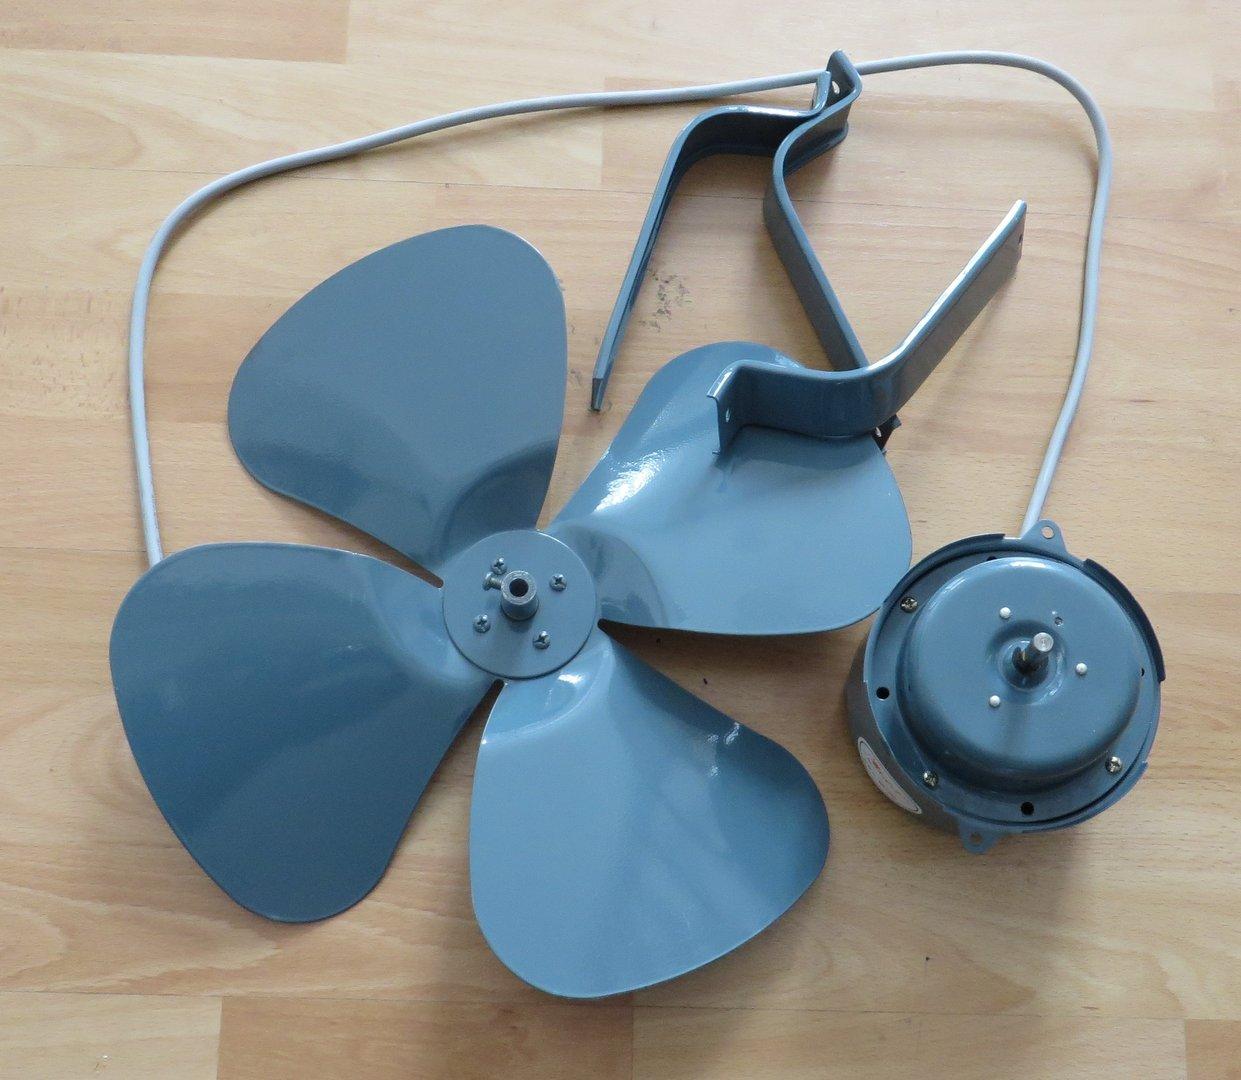 moteur de ventilateur pour machine glace italienne. Black Bedroom Furniture Sets. Home Design Ideas